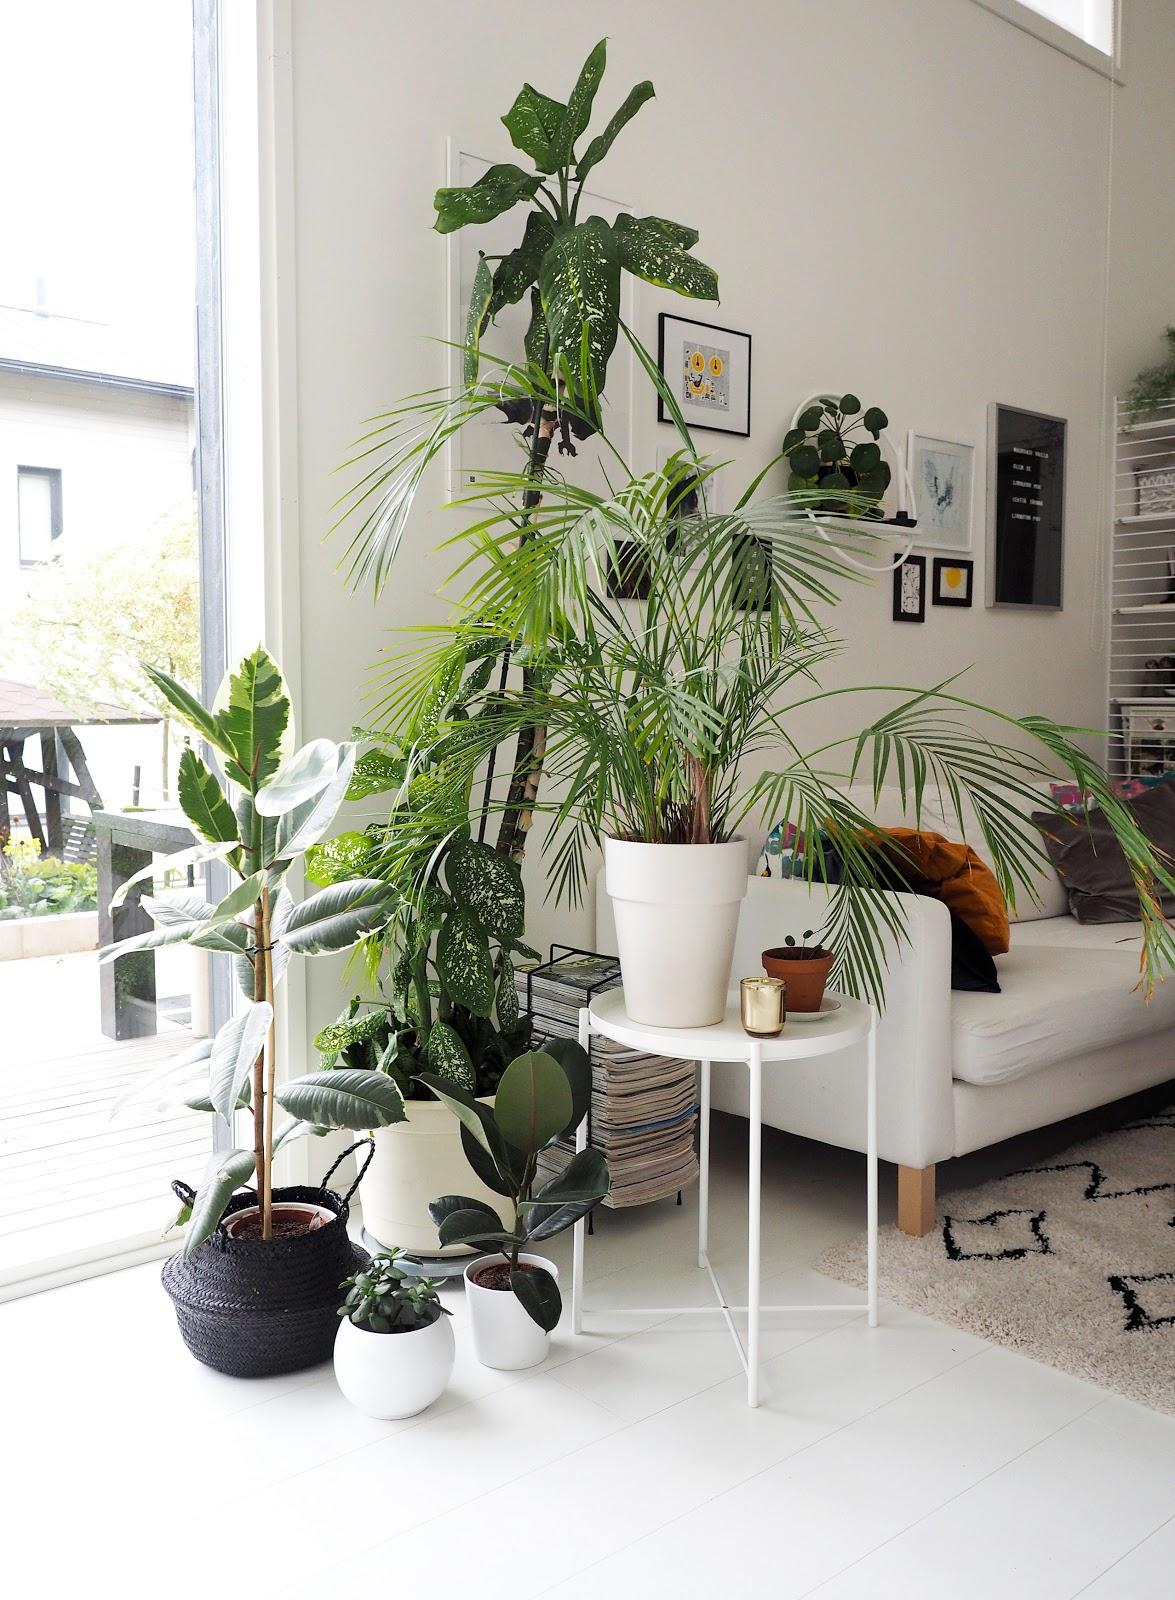 viherkasvit, sisustus, viihtyisä olohuone